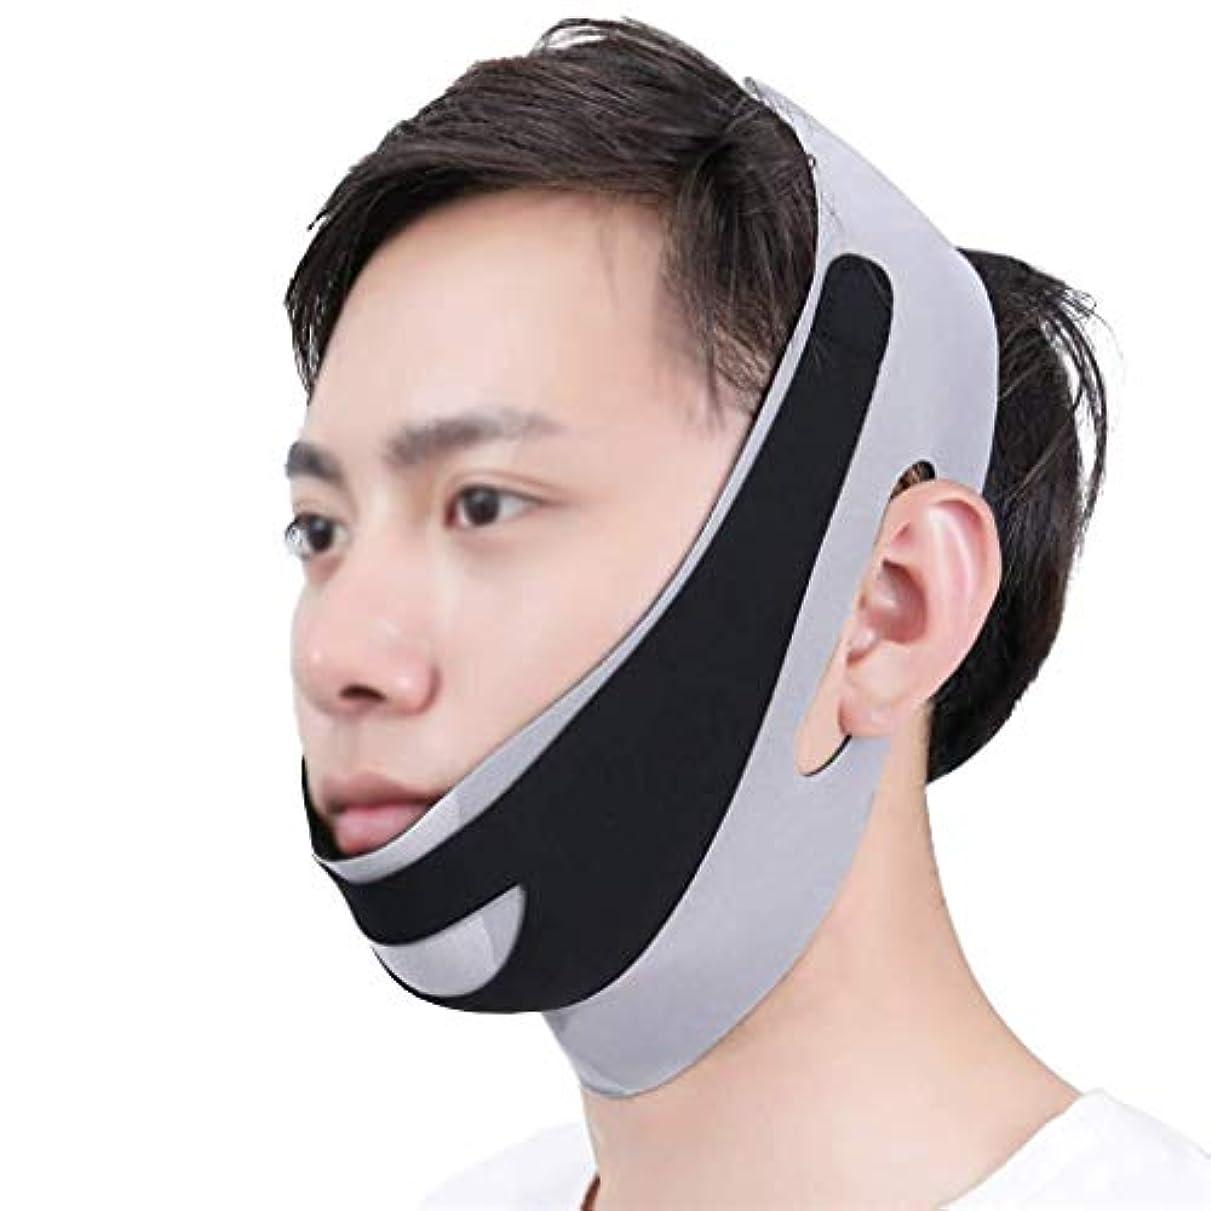 訪問サンダー盗難顔と首のリフト術後の弾性フェイスマスク小さなV顔アーティファクト薄い顔包帯アーティファクトV顔ぶら下げ耳リフティング引き締め男性の顔アーティファクト